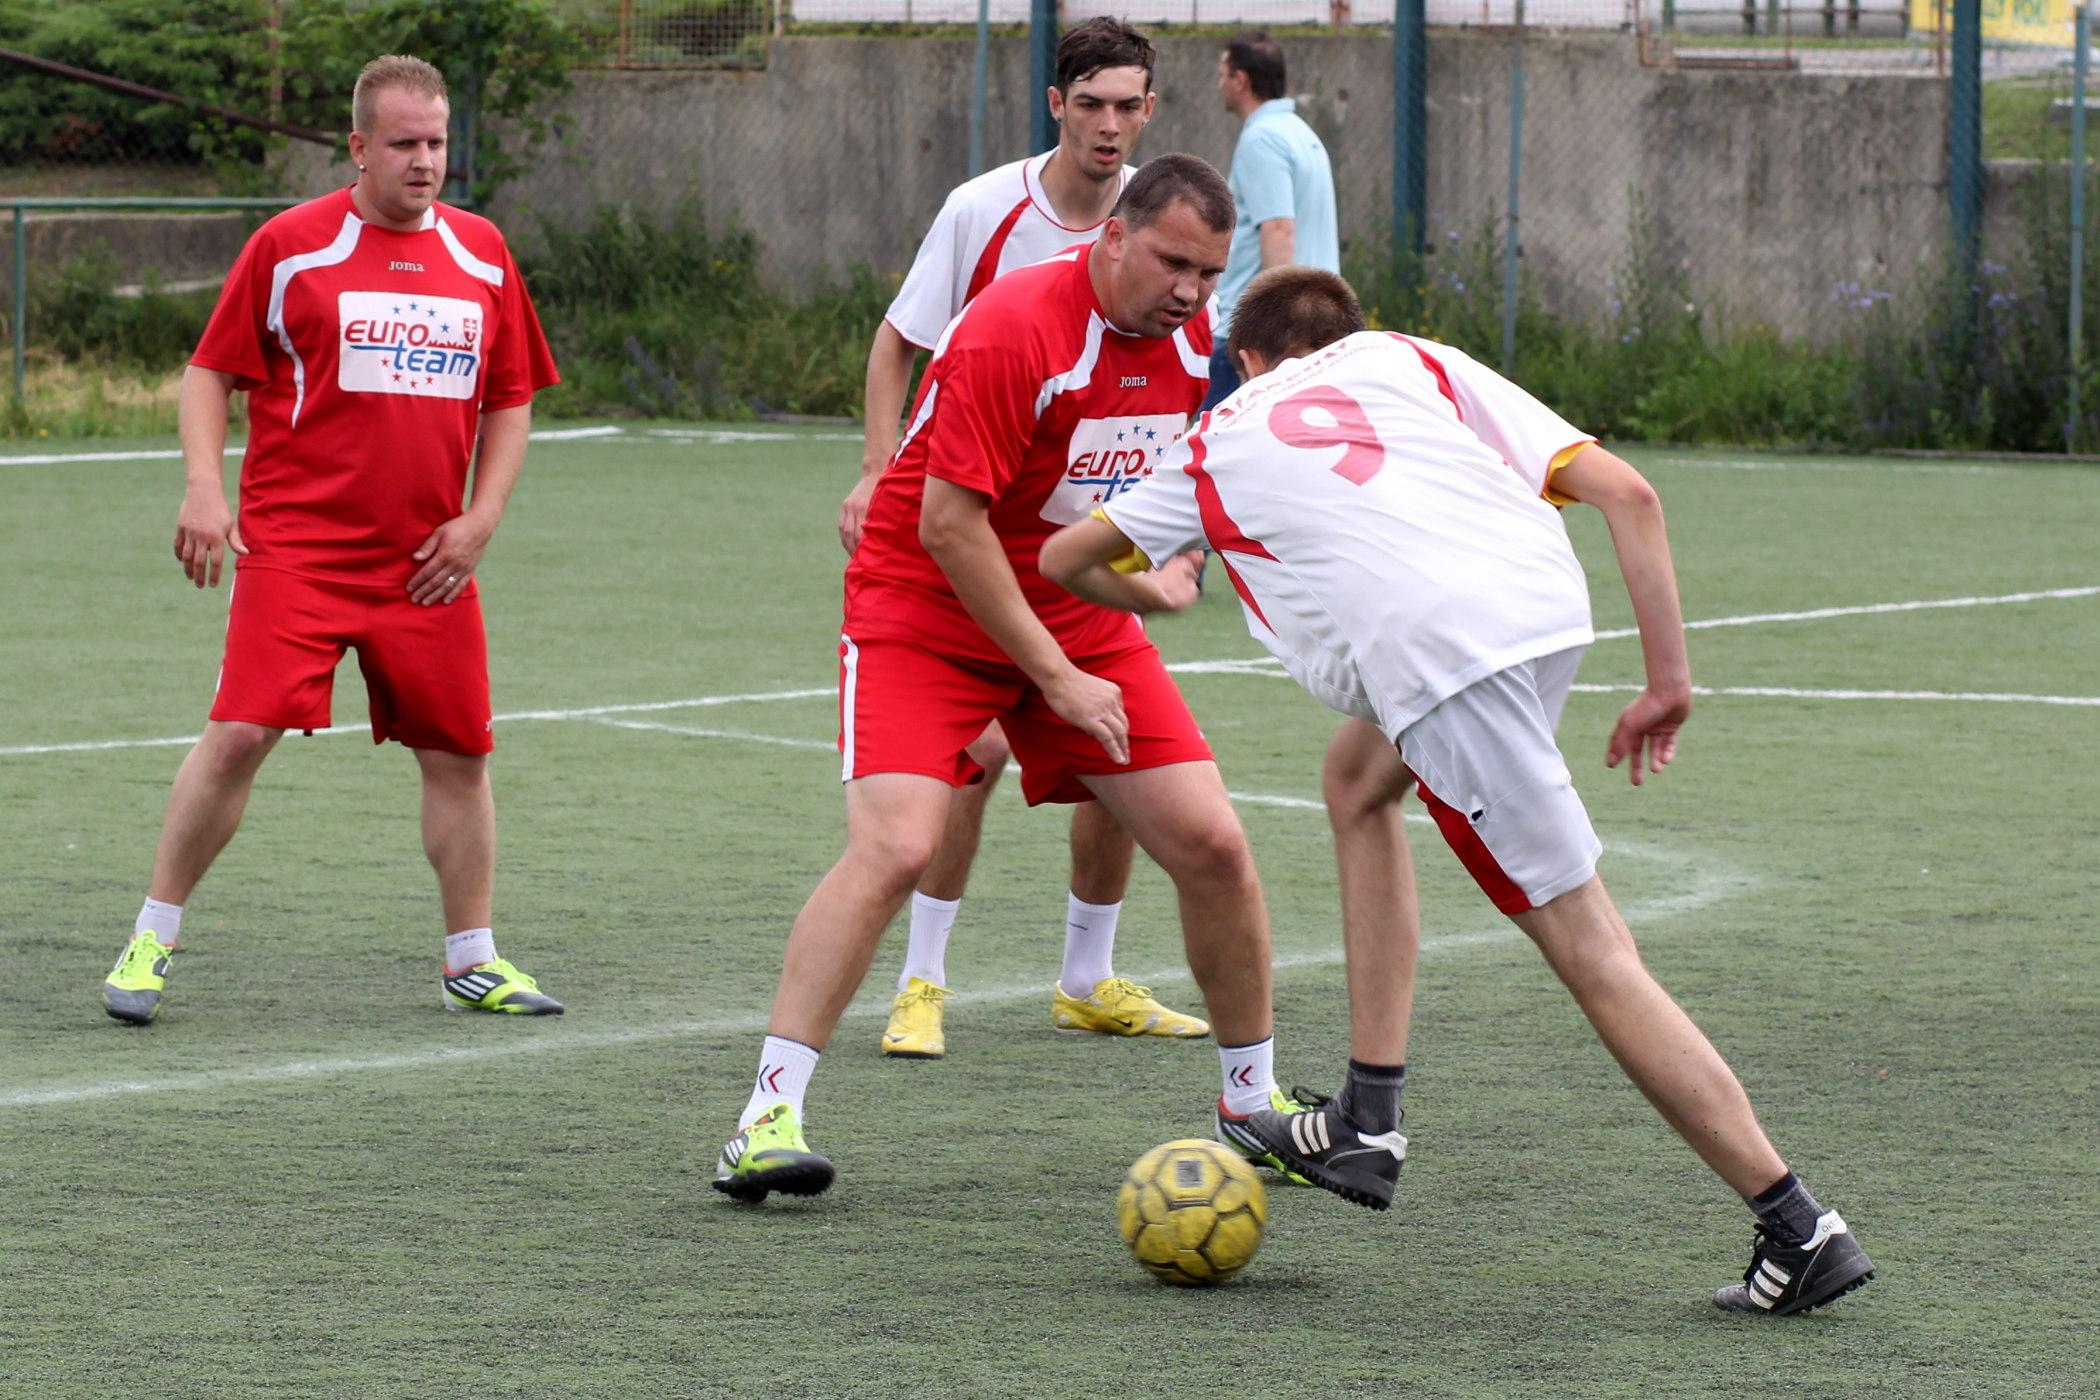 limfu-finale-2012-zvolen-22